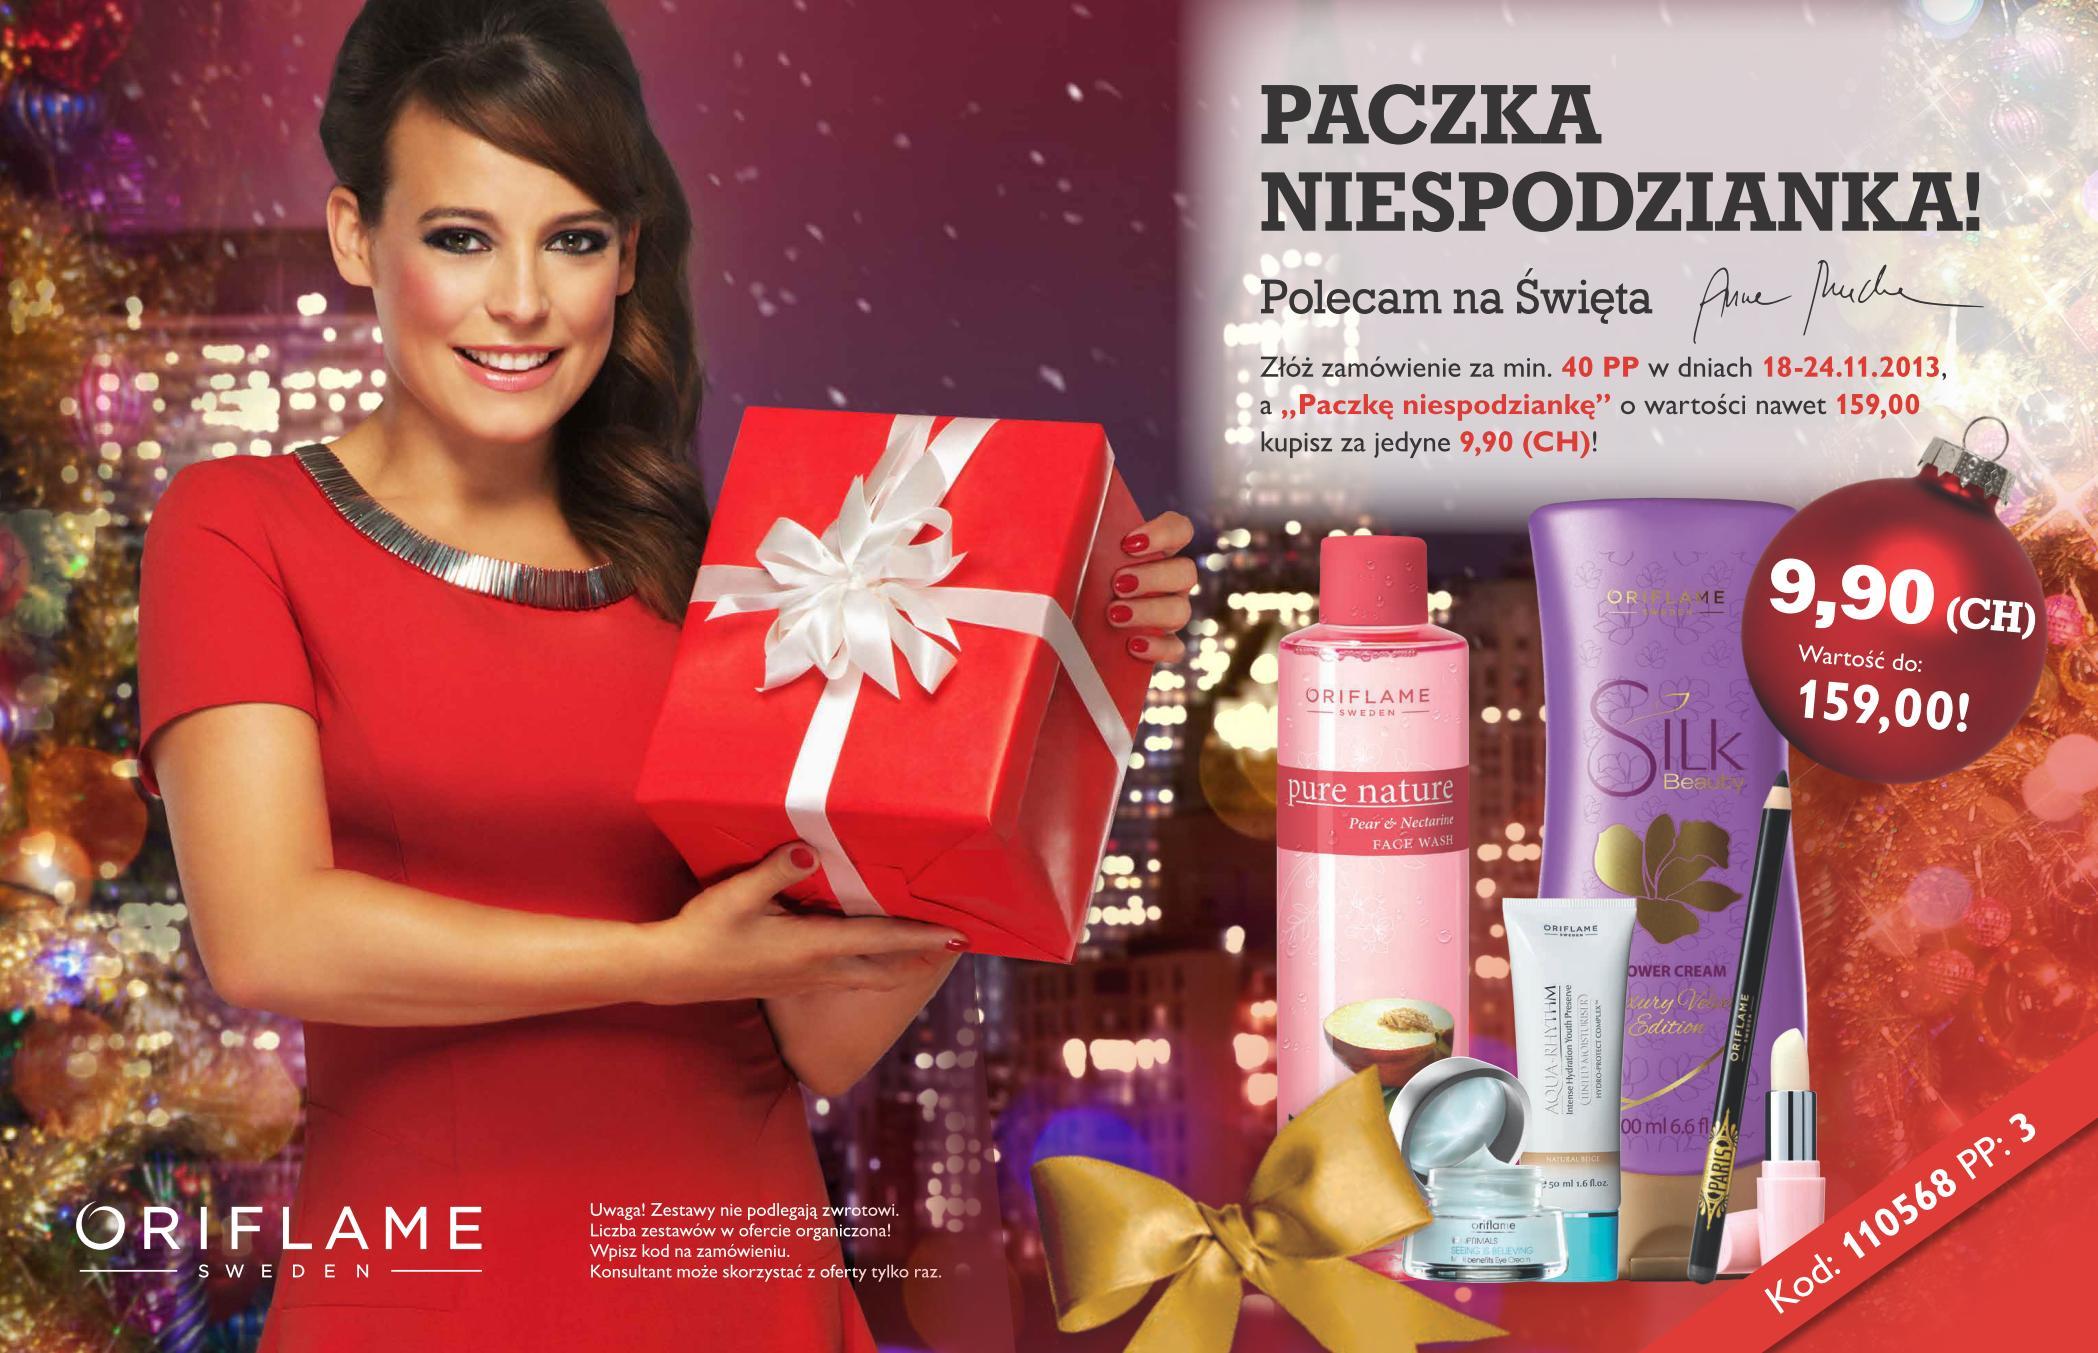 Katalog Oriflame 16 2013 oferta na 3 tydzień